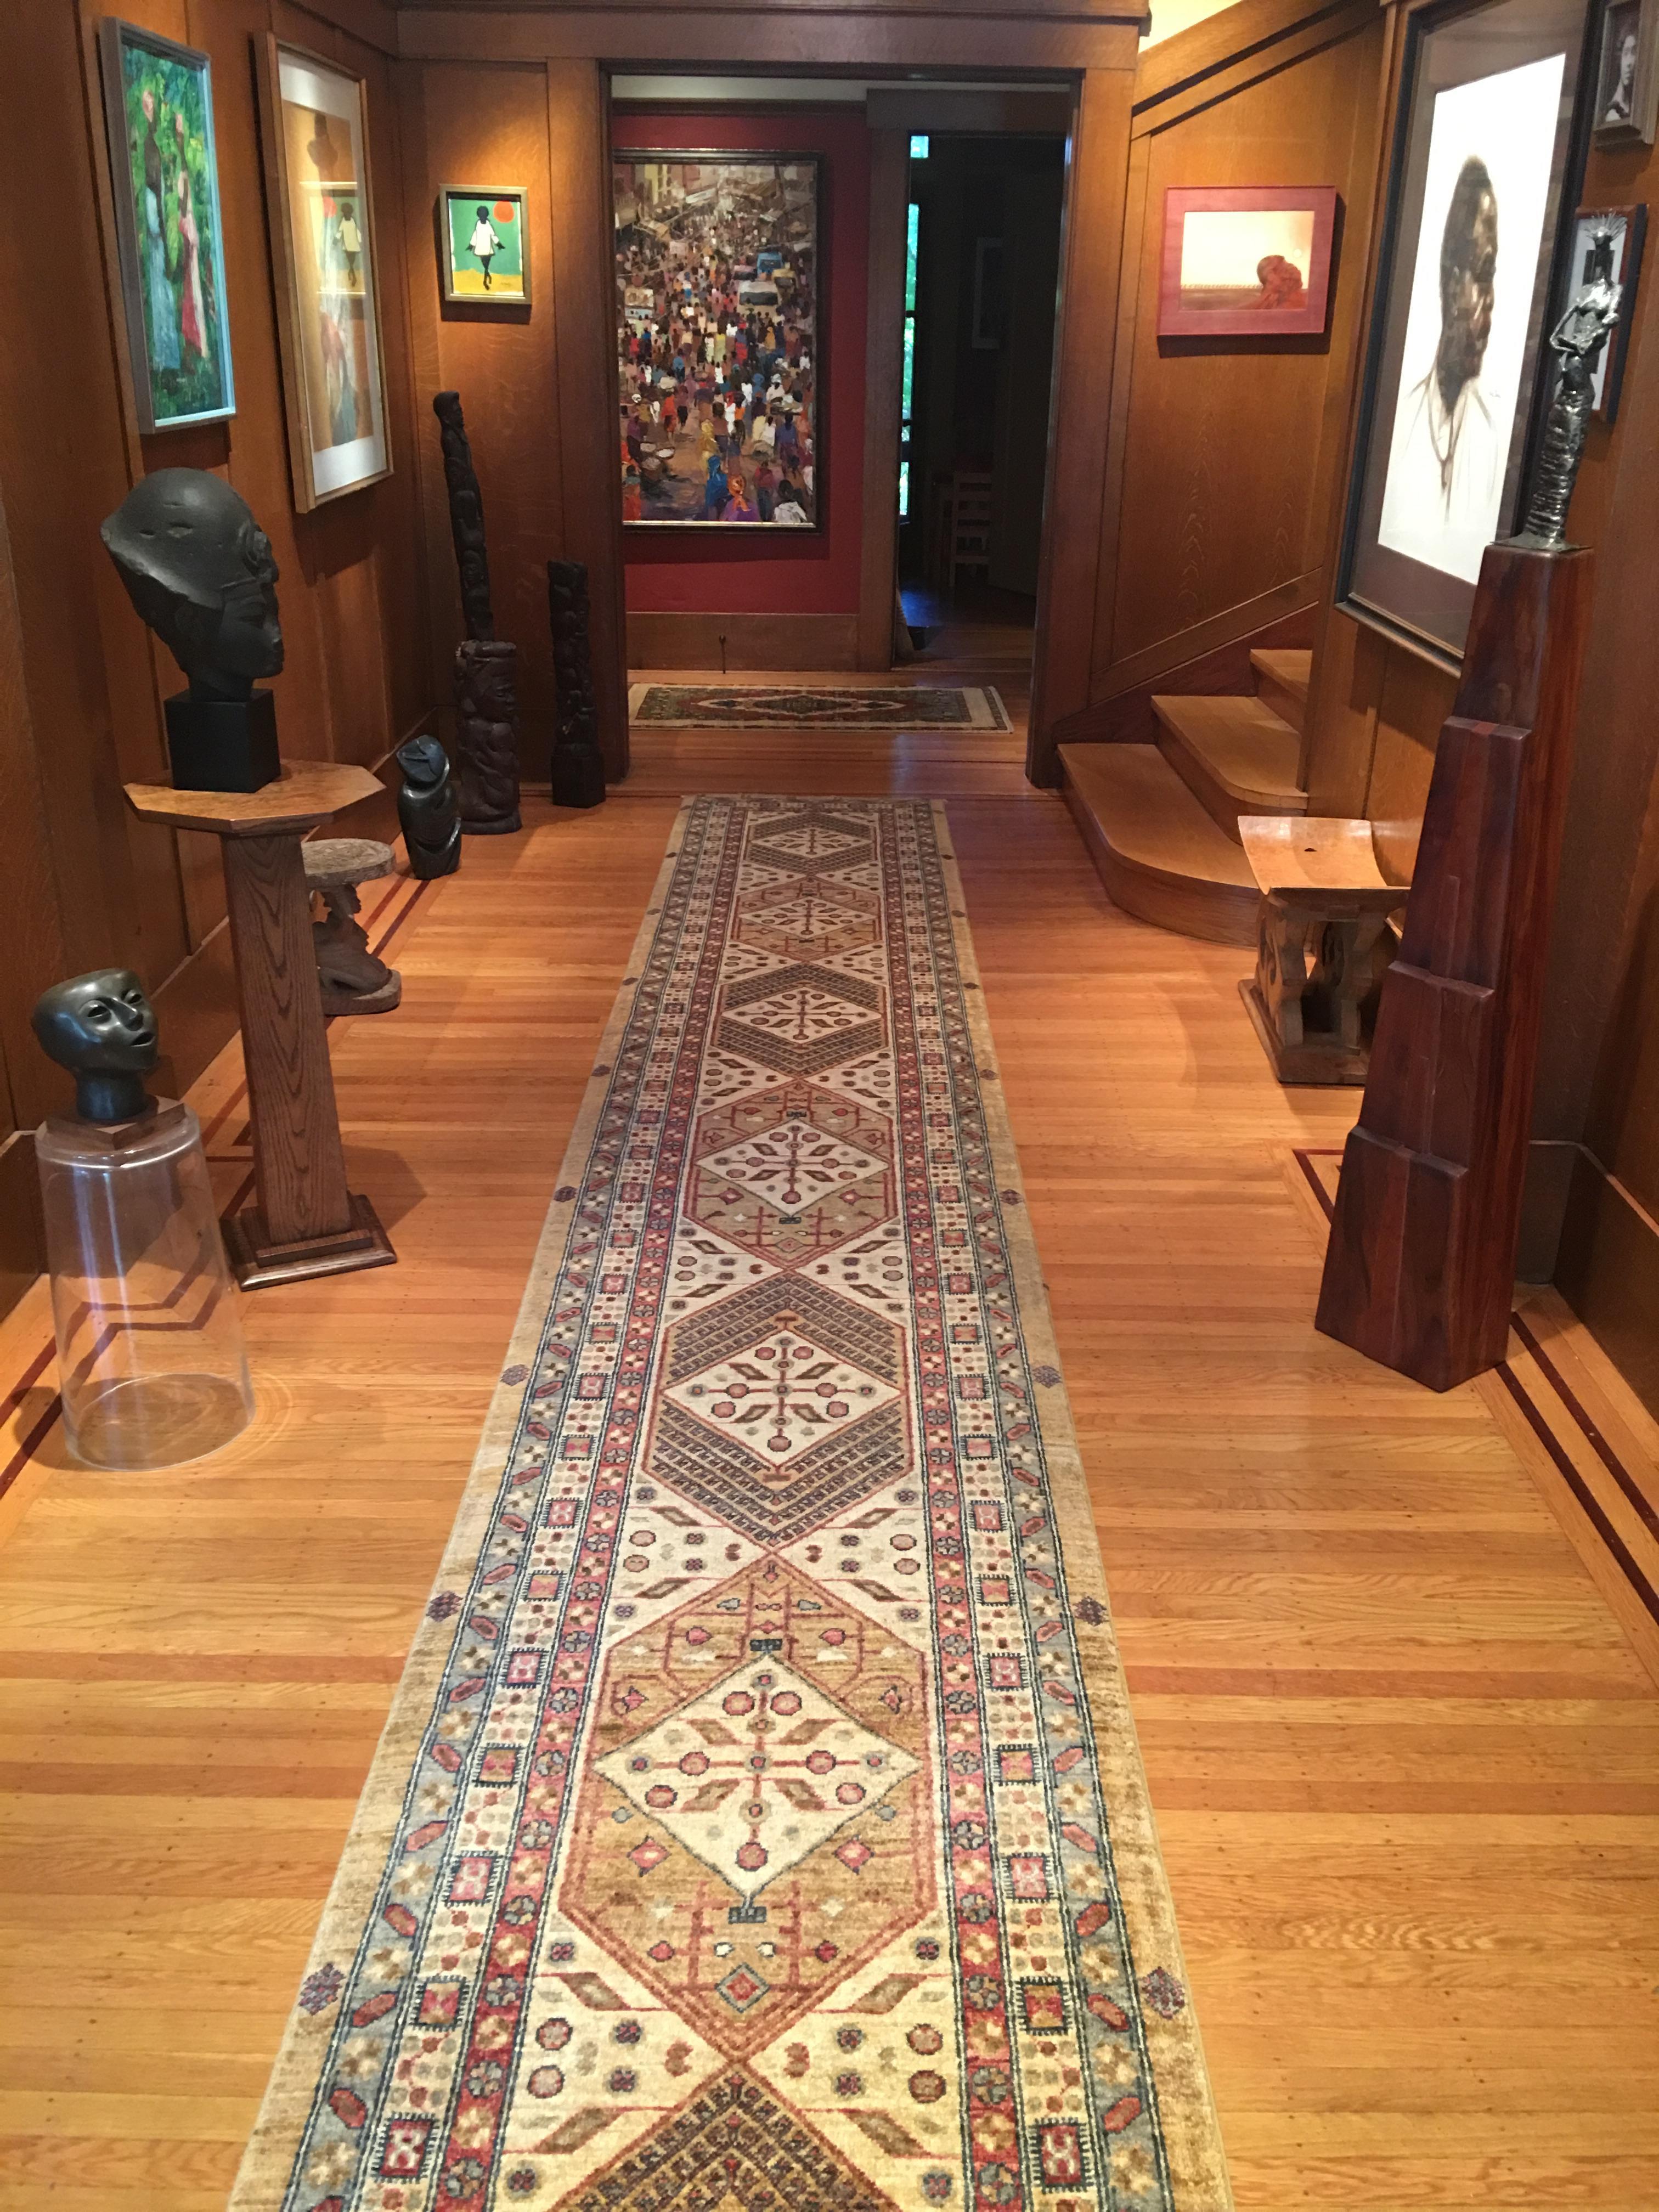 Noor & Sons Rug Gallery/ Berkeley Oriental Rugs image 6